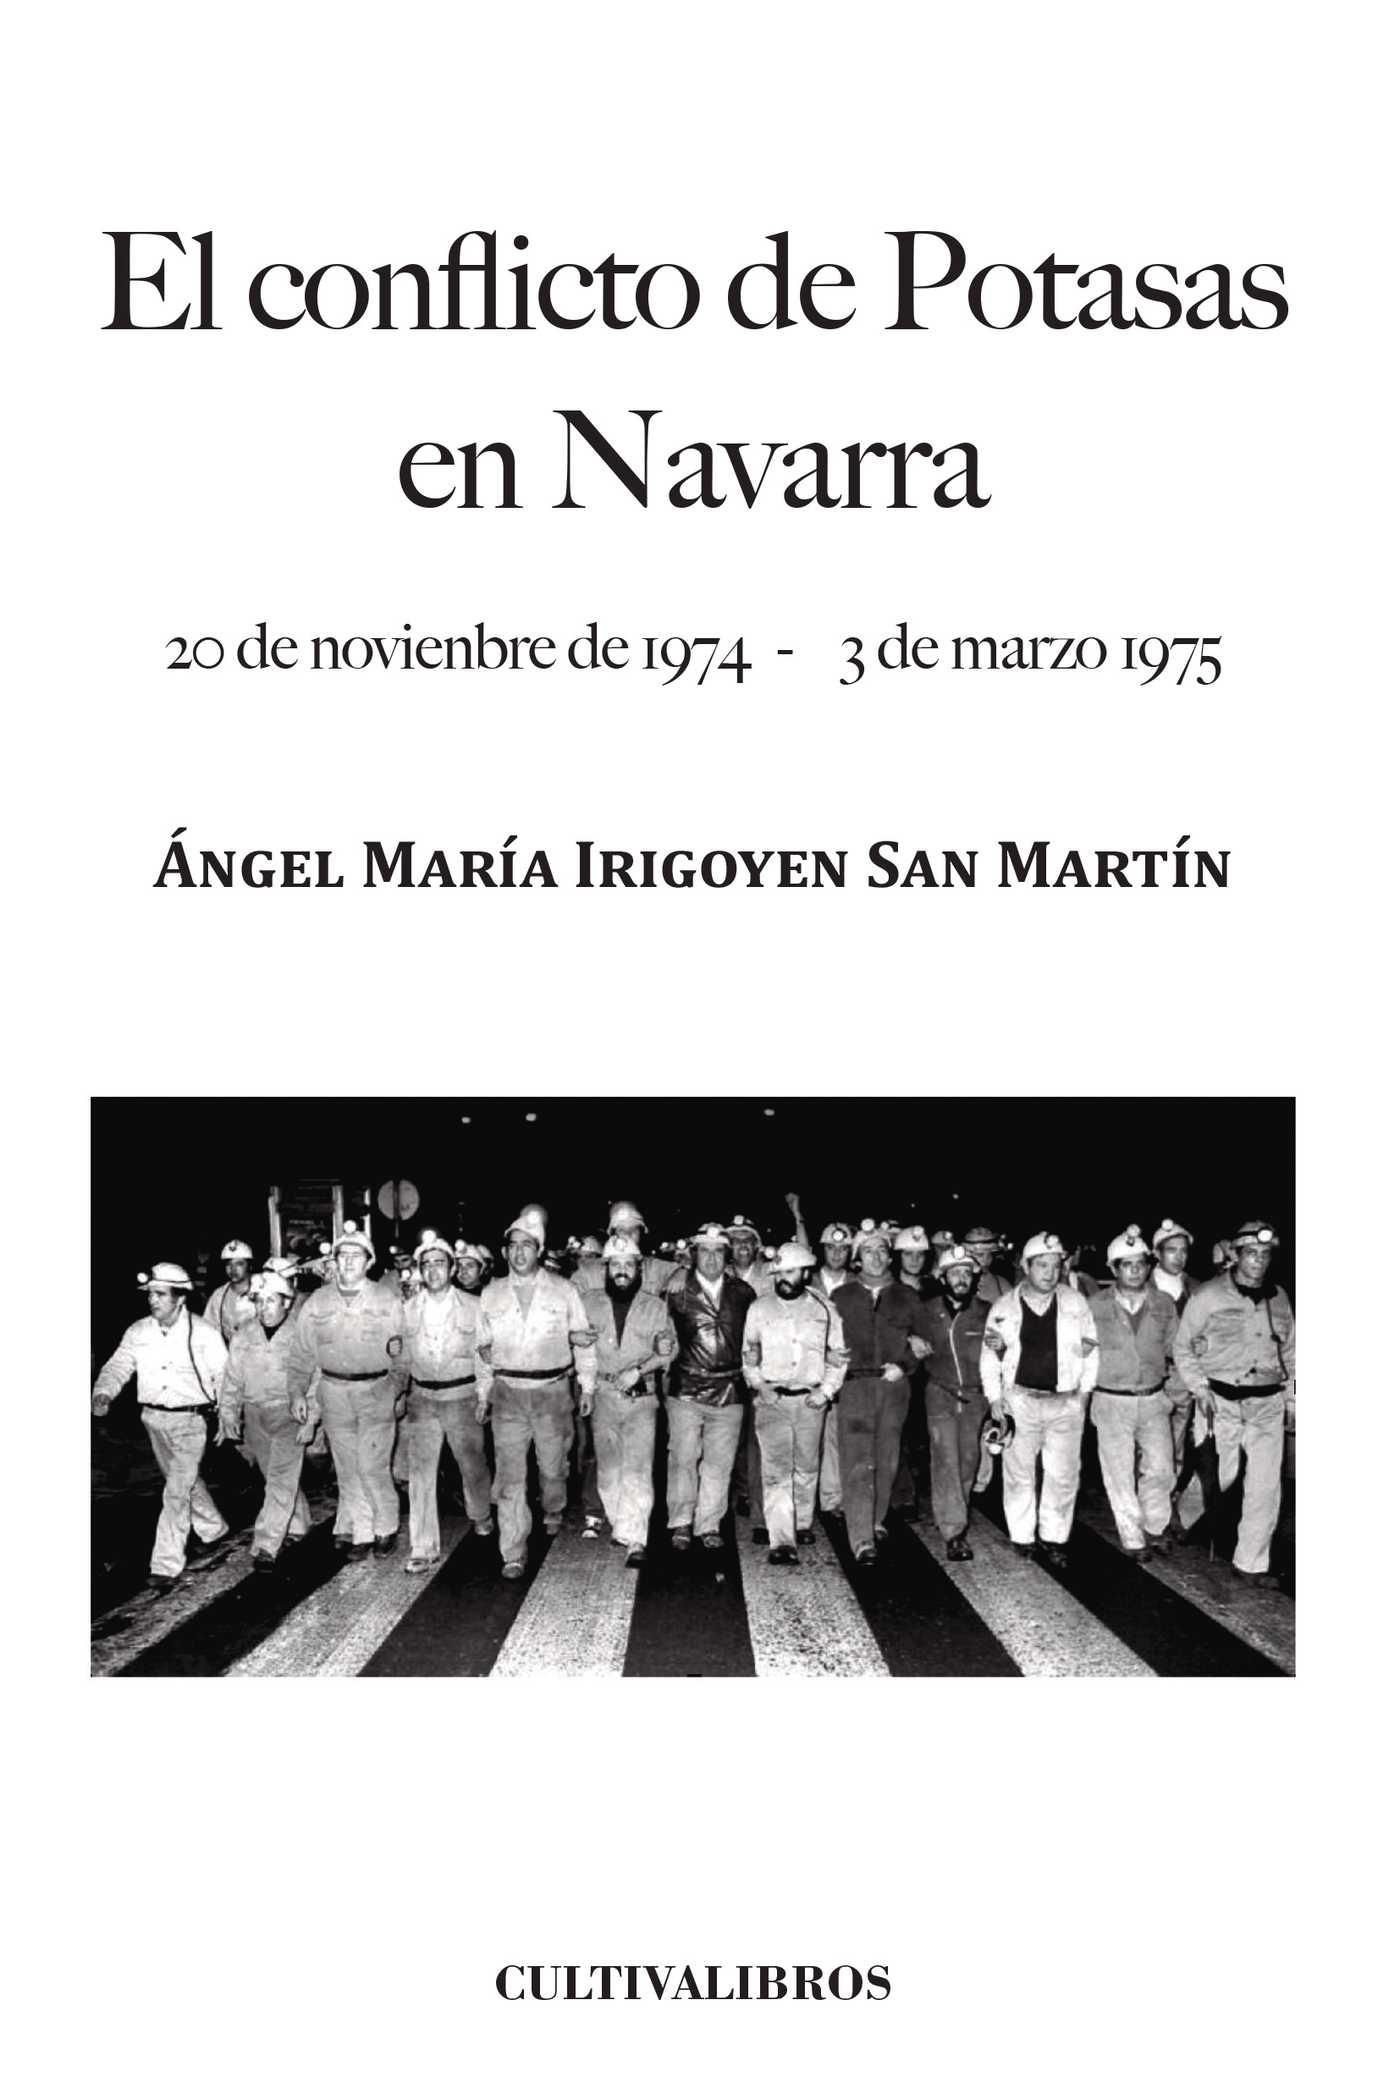 EL CONFLICTO DE POTASAS DE NAVARRA